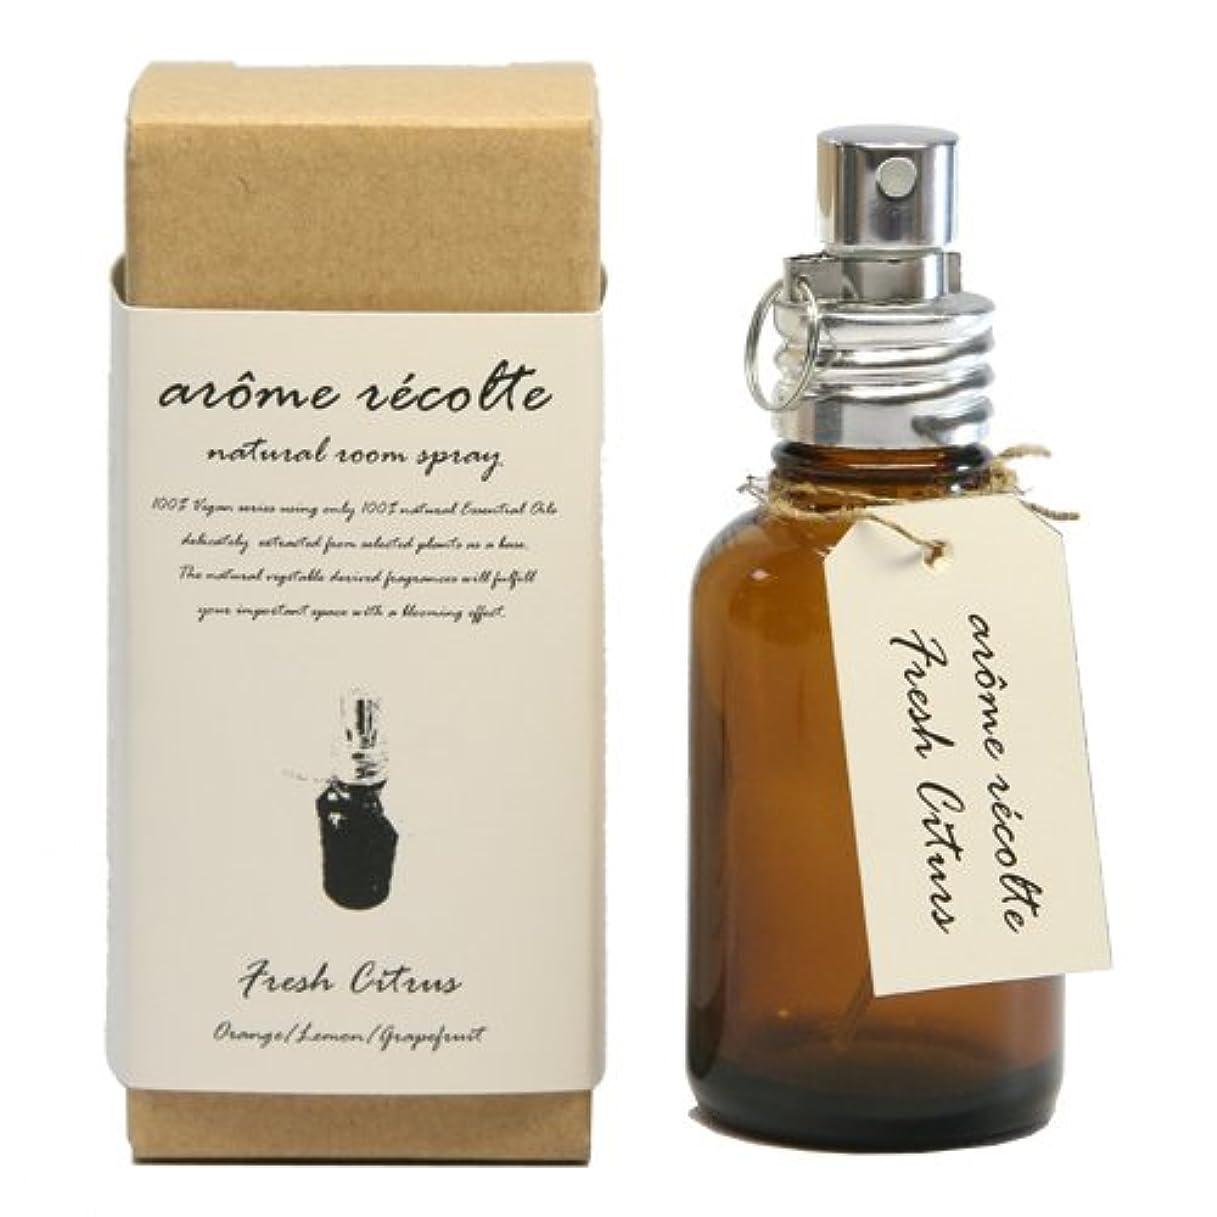 関連するヒステリック統治可能アロマレコルト ナチュラルルームスプレー  フレッシュシトラス【Fresh Citurs】 arome rcolte